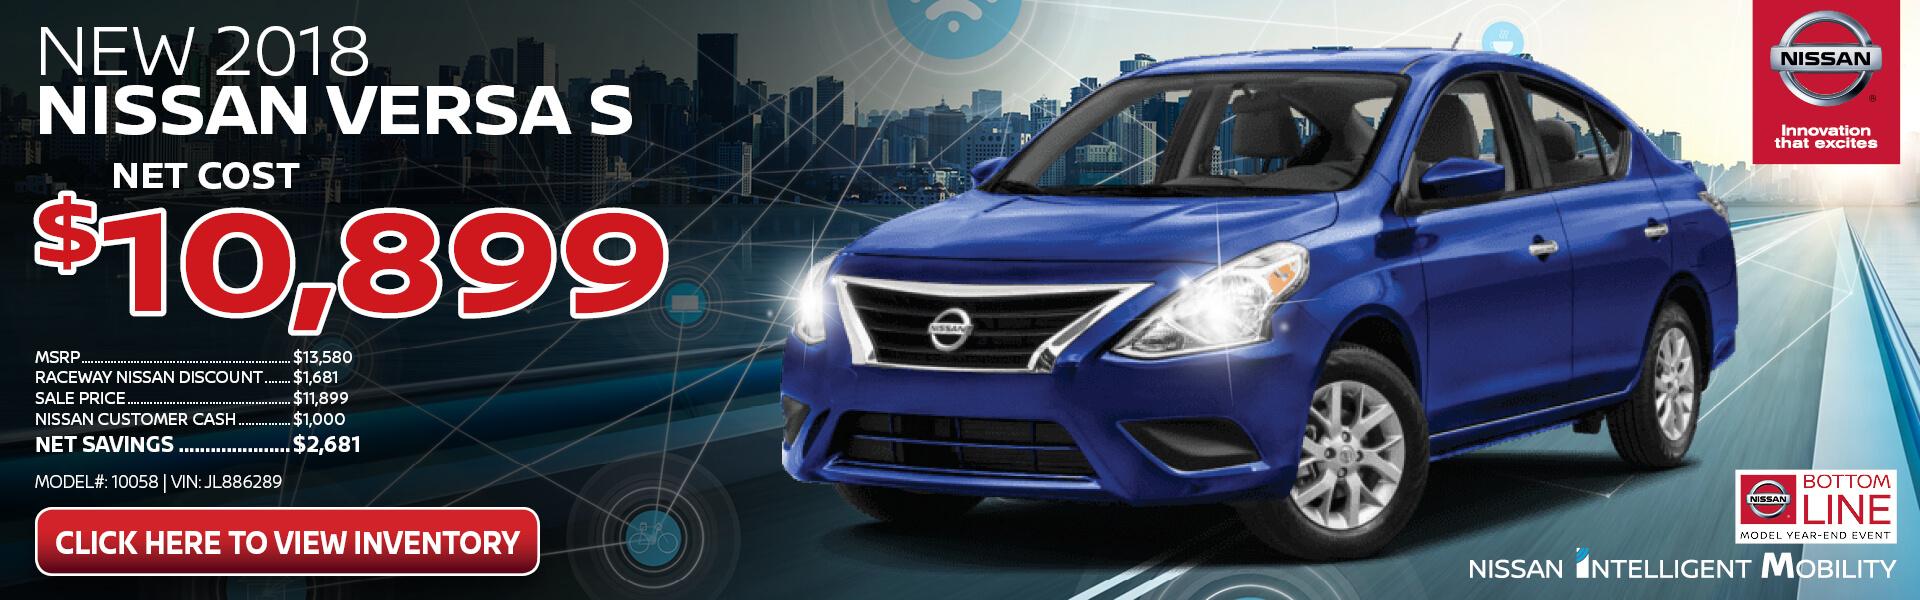 Nissan Versa $10,899 Purchase